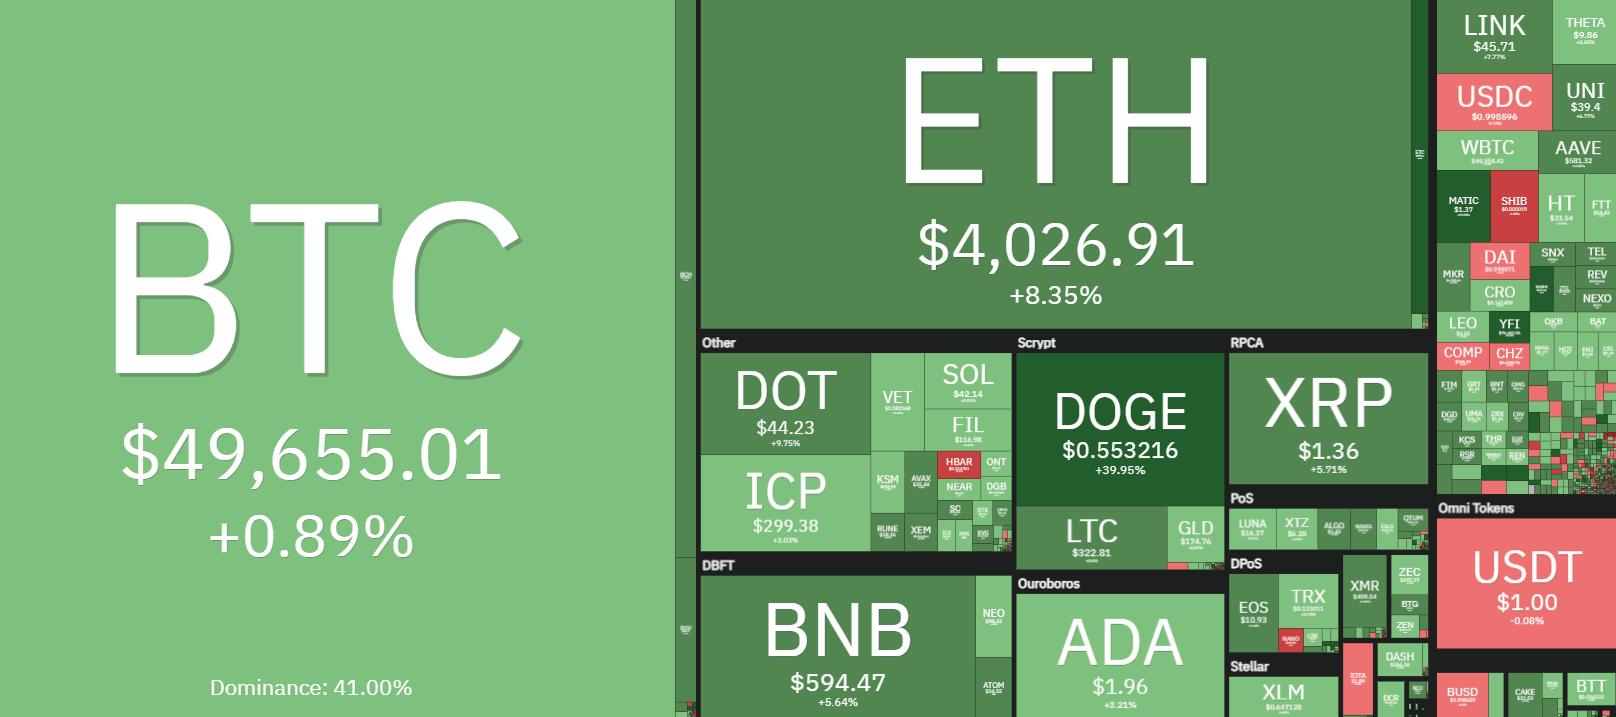 Panoramica quotidiana del mercato crypto